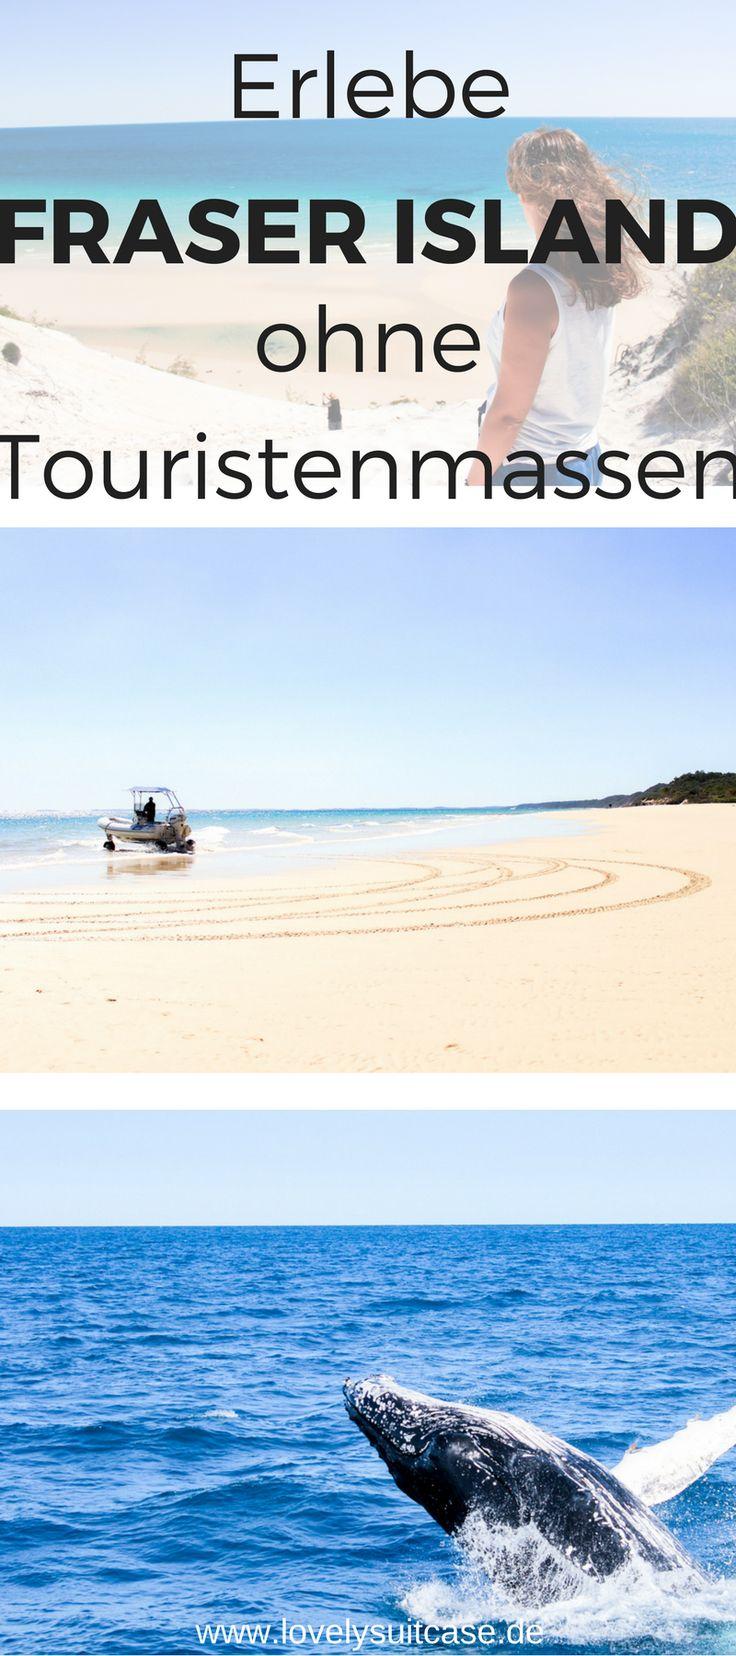 Du möchtest Fraser Island ohne Touristenmassen erleben? Das geht und ist mit diesem Geheimtipp ganz einfach. #australien #urlaub #reisen #whalewatching #fraserisland